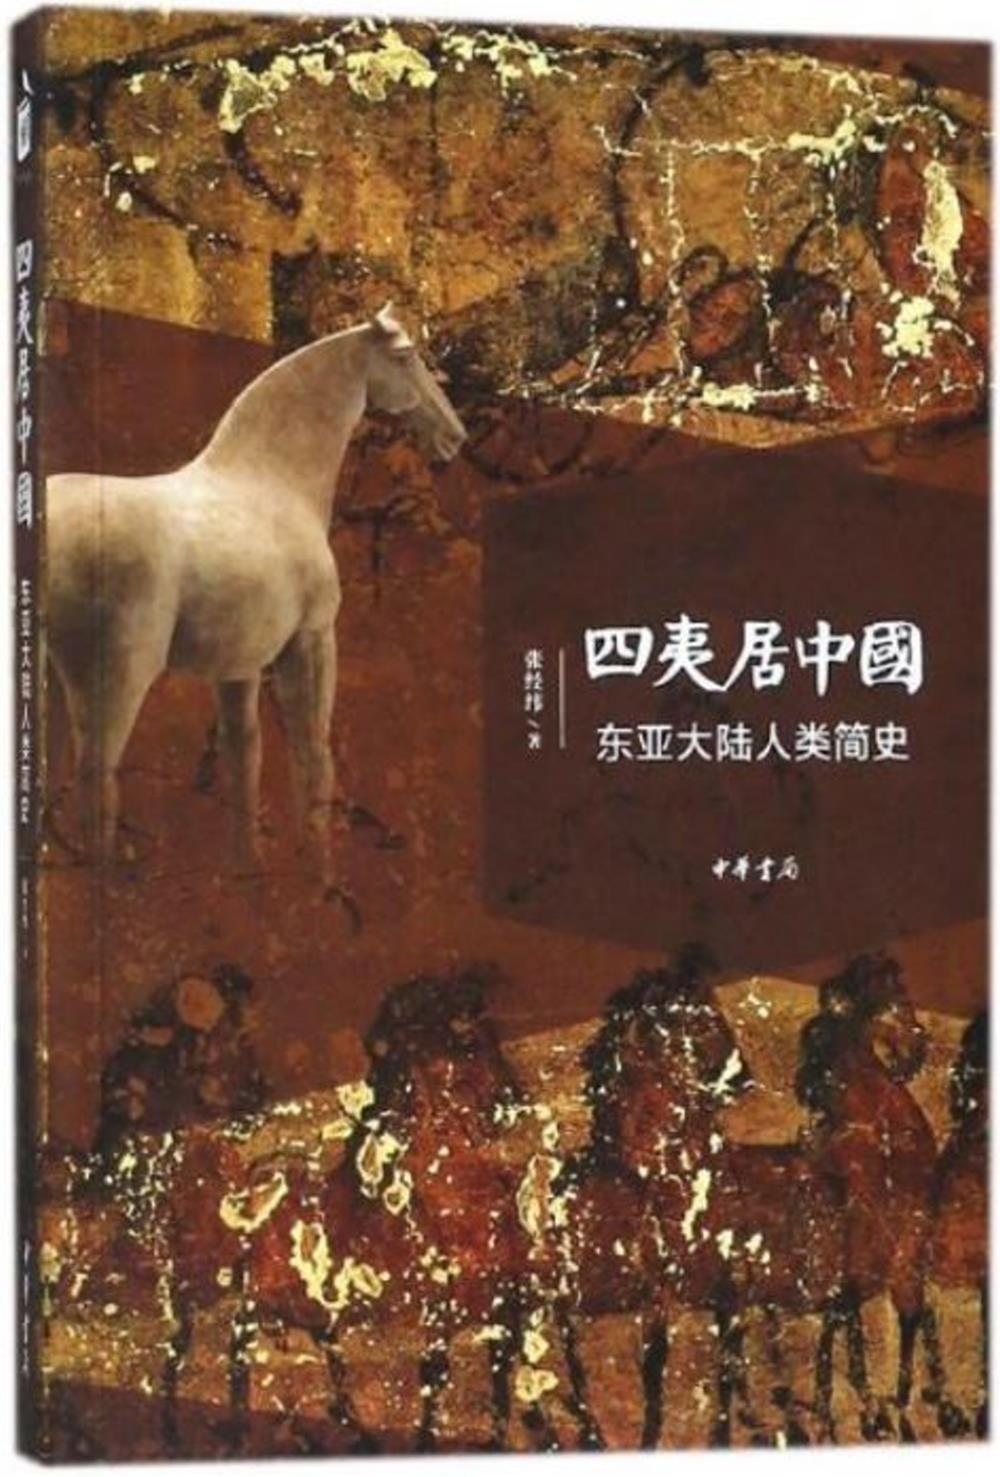 四夷居中國:東亞大陸人類簡史